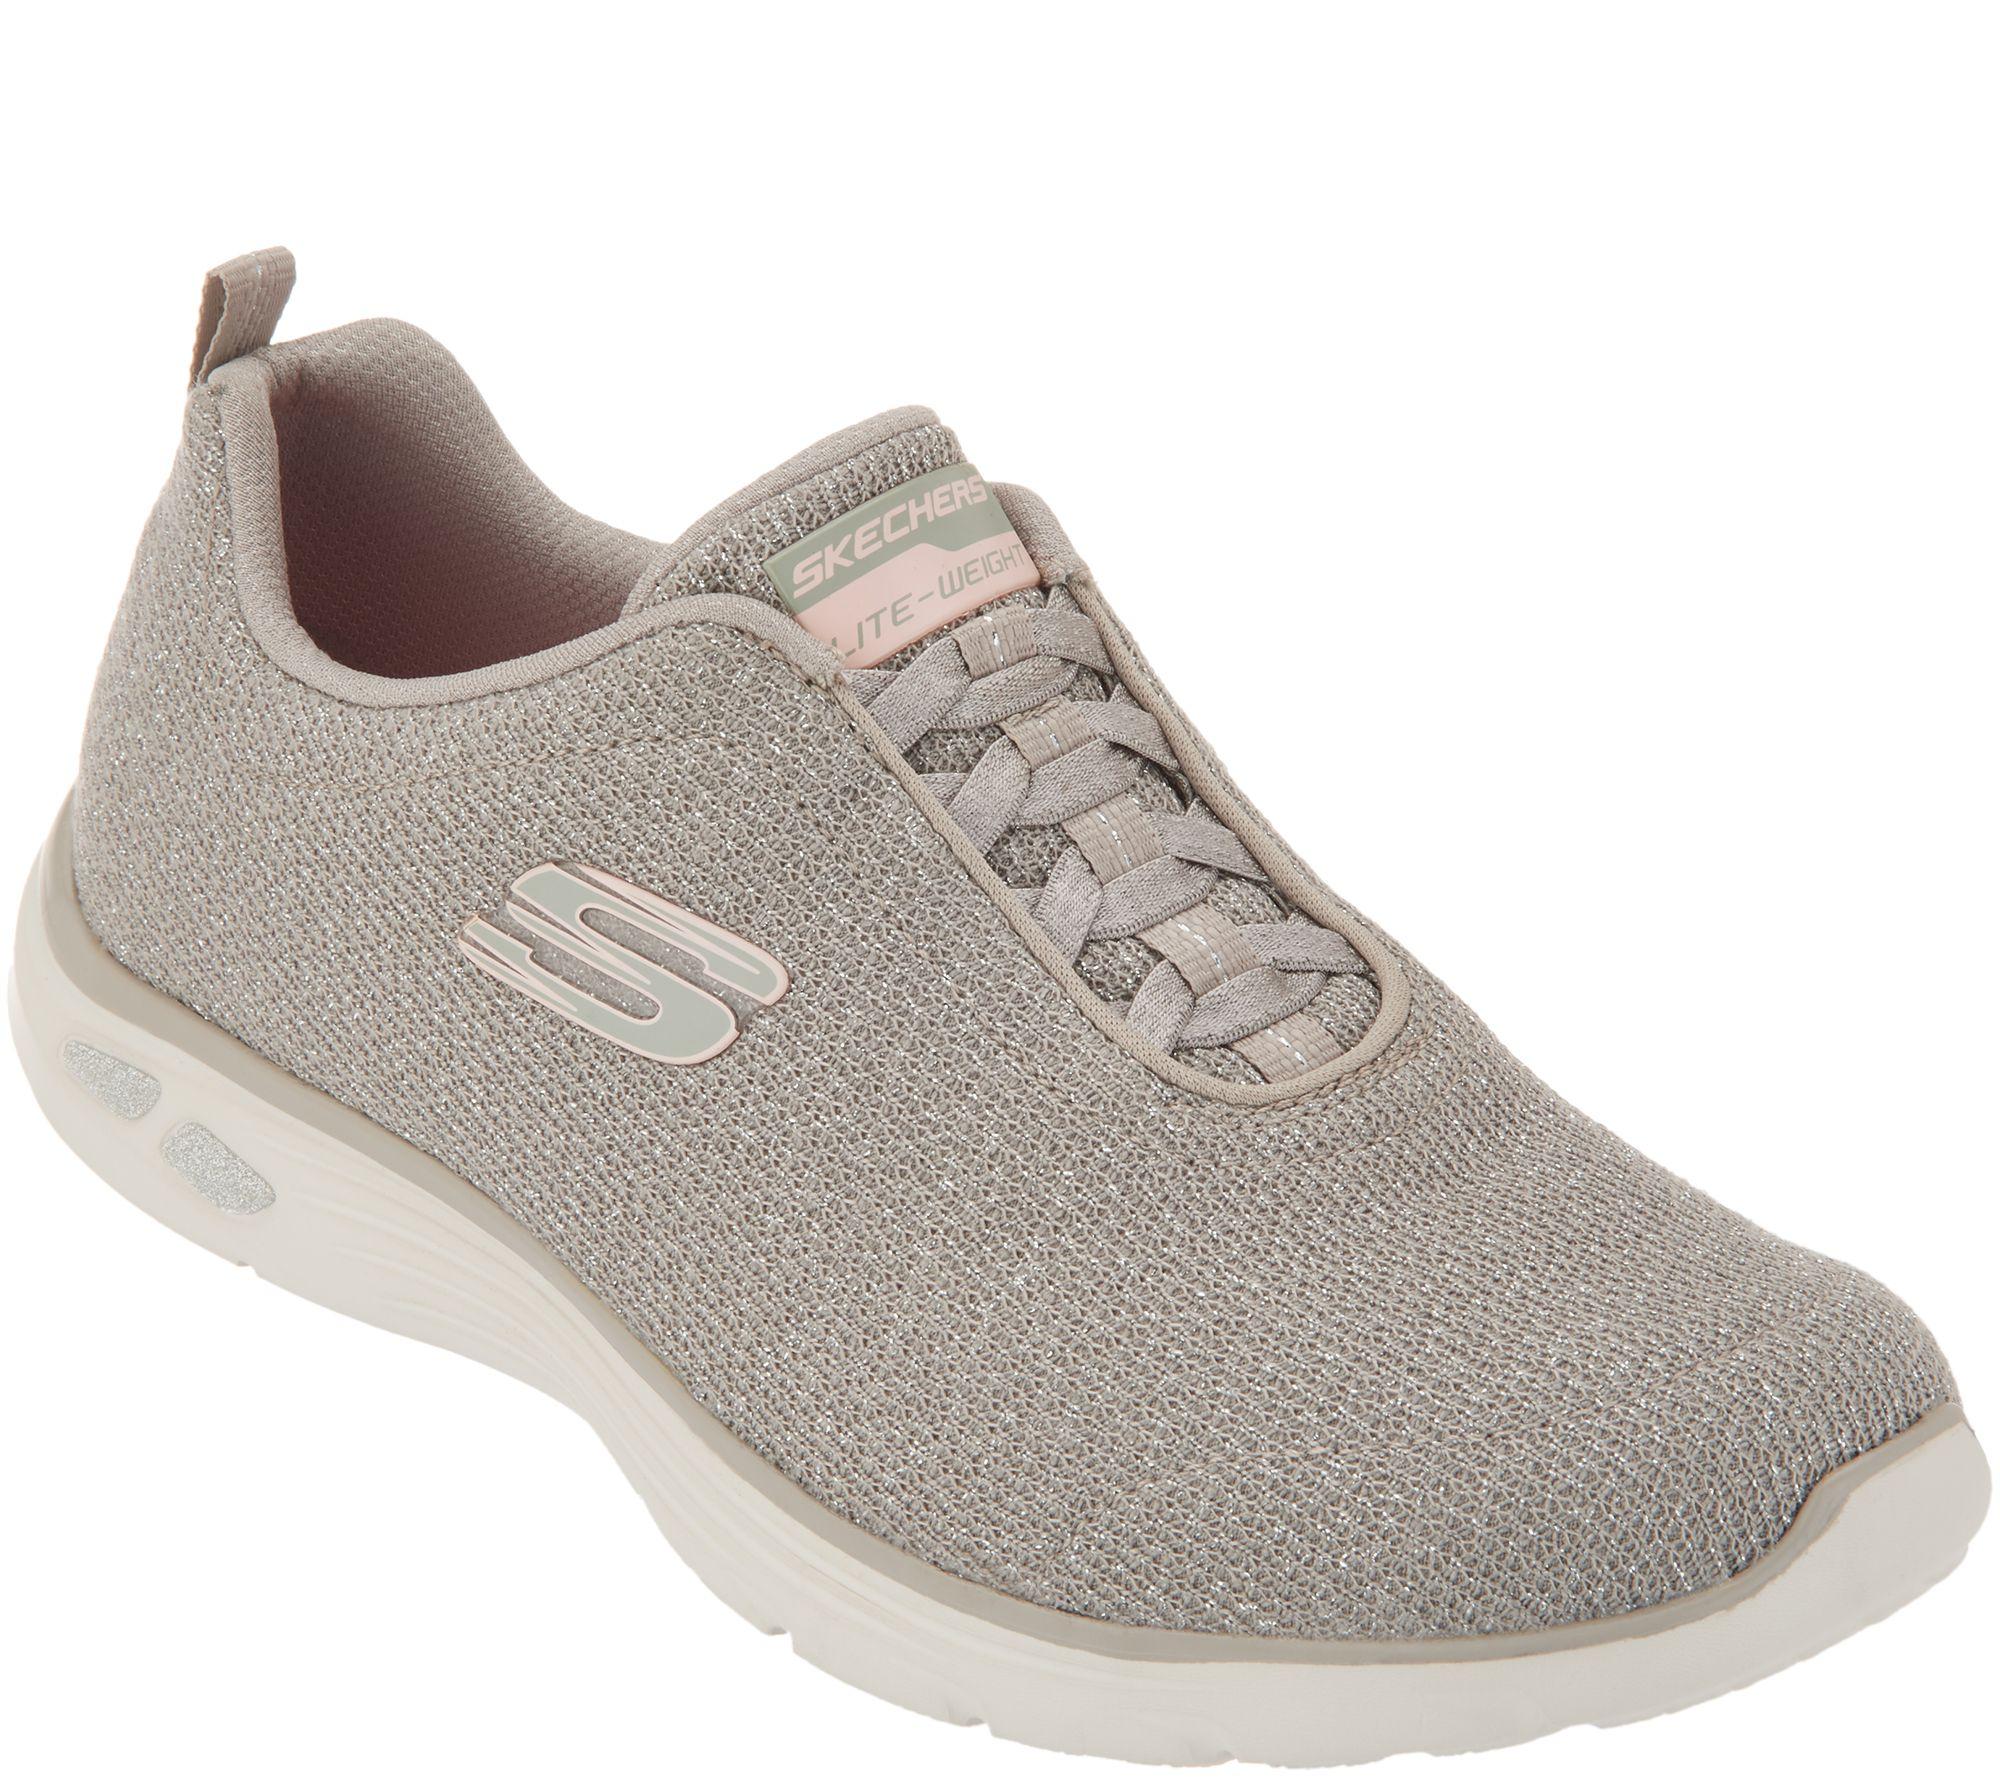 Skechers Sparkle Bungee Slip-On Shoes - Empire D'Lux — QVC.com